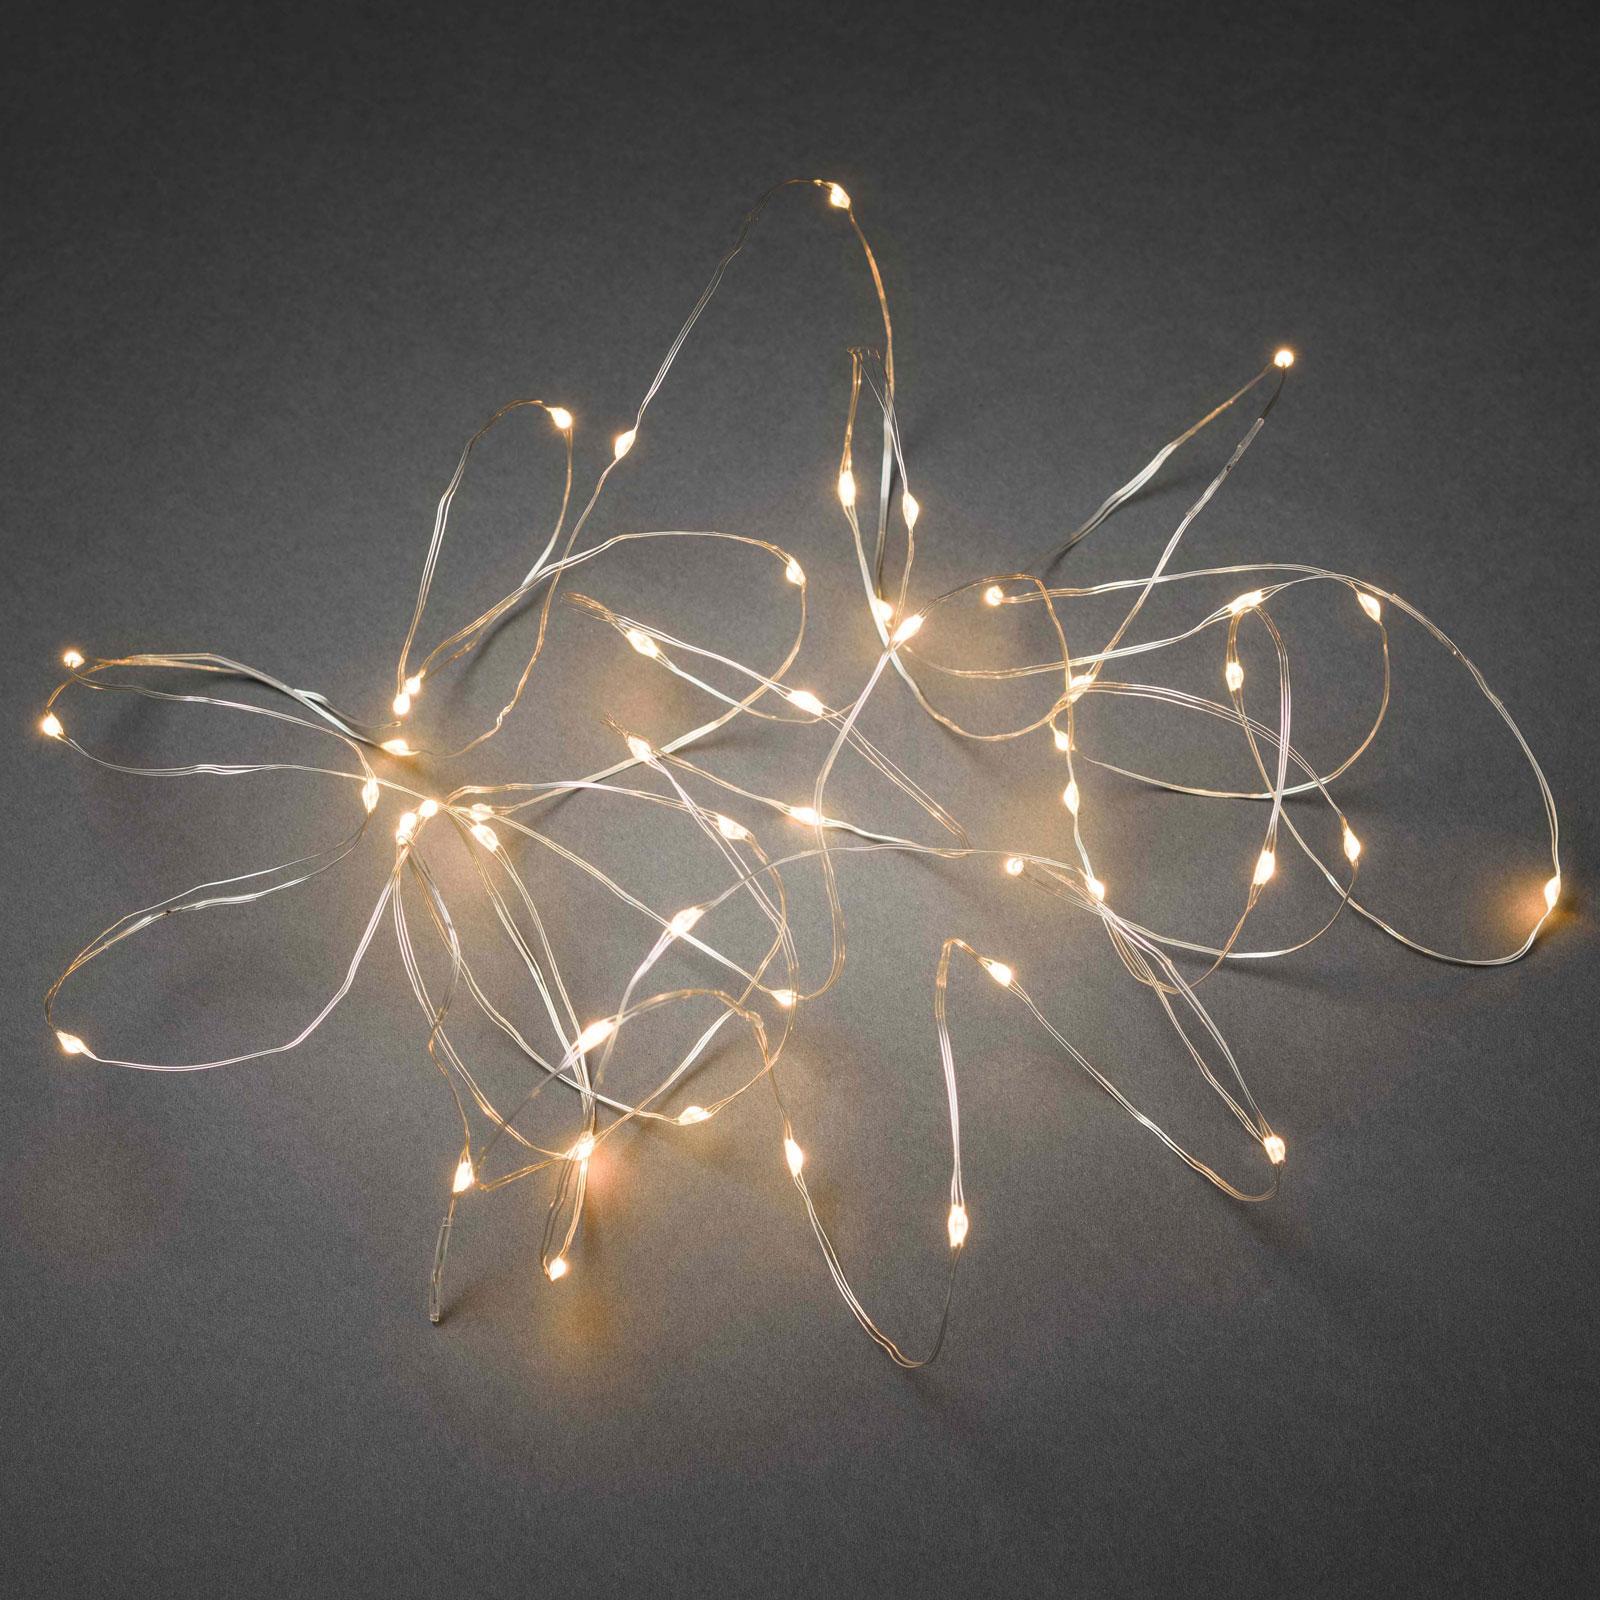 LED-lampekjede Dråper, app-kontrollerbar, 200 lk